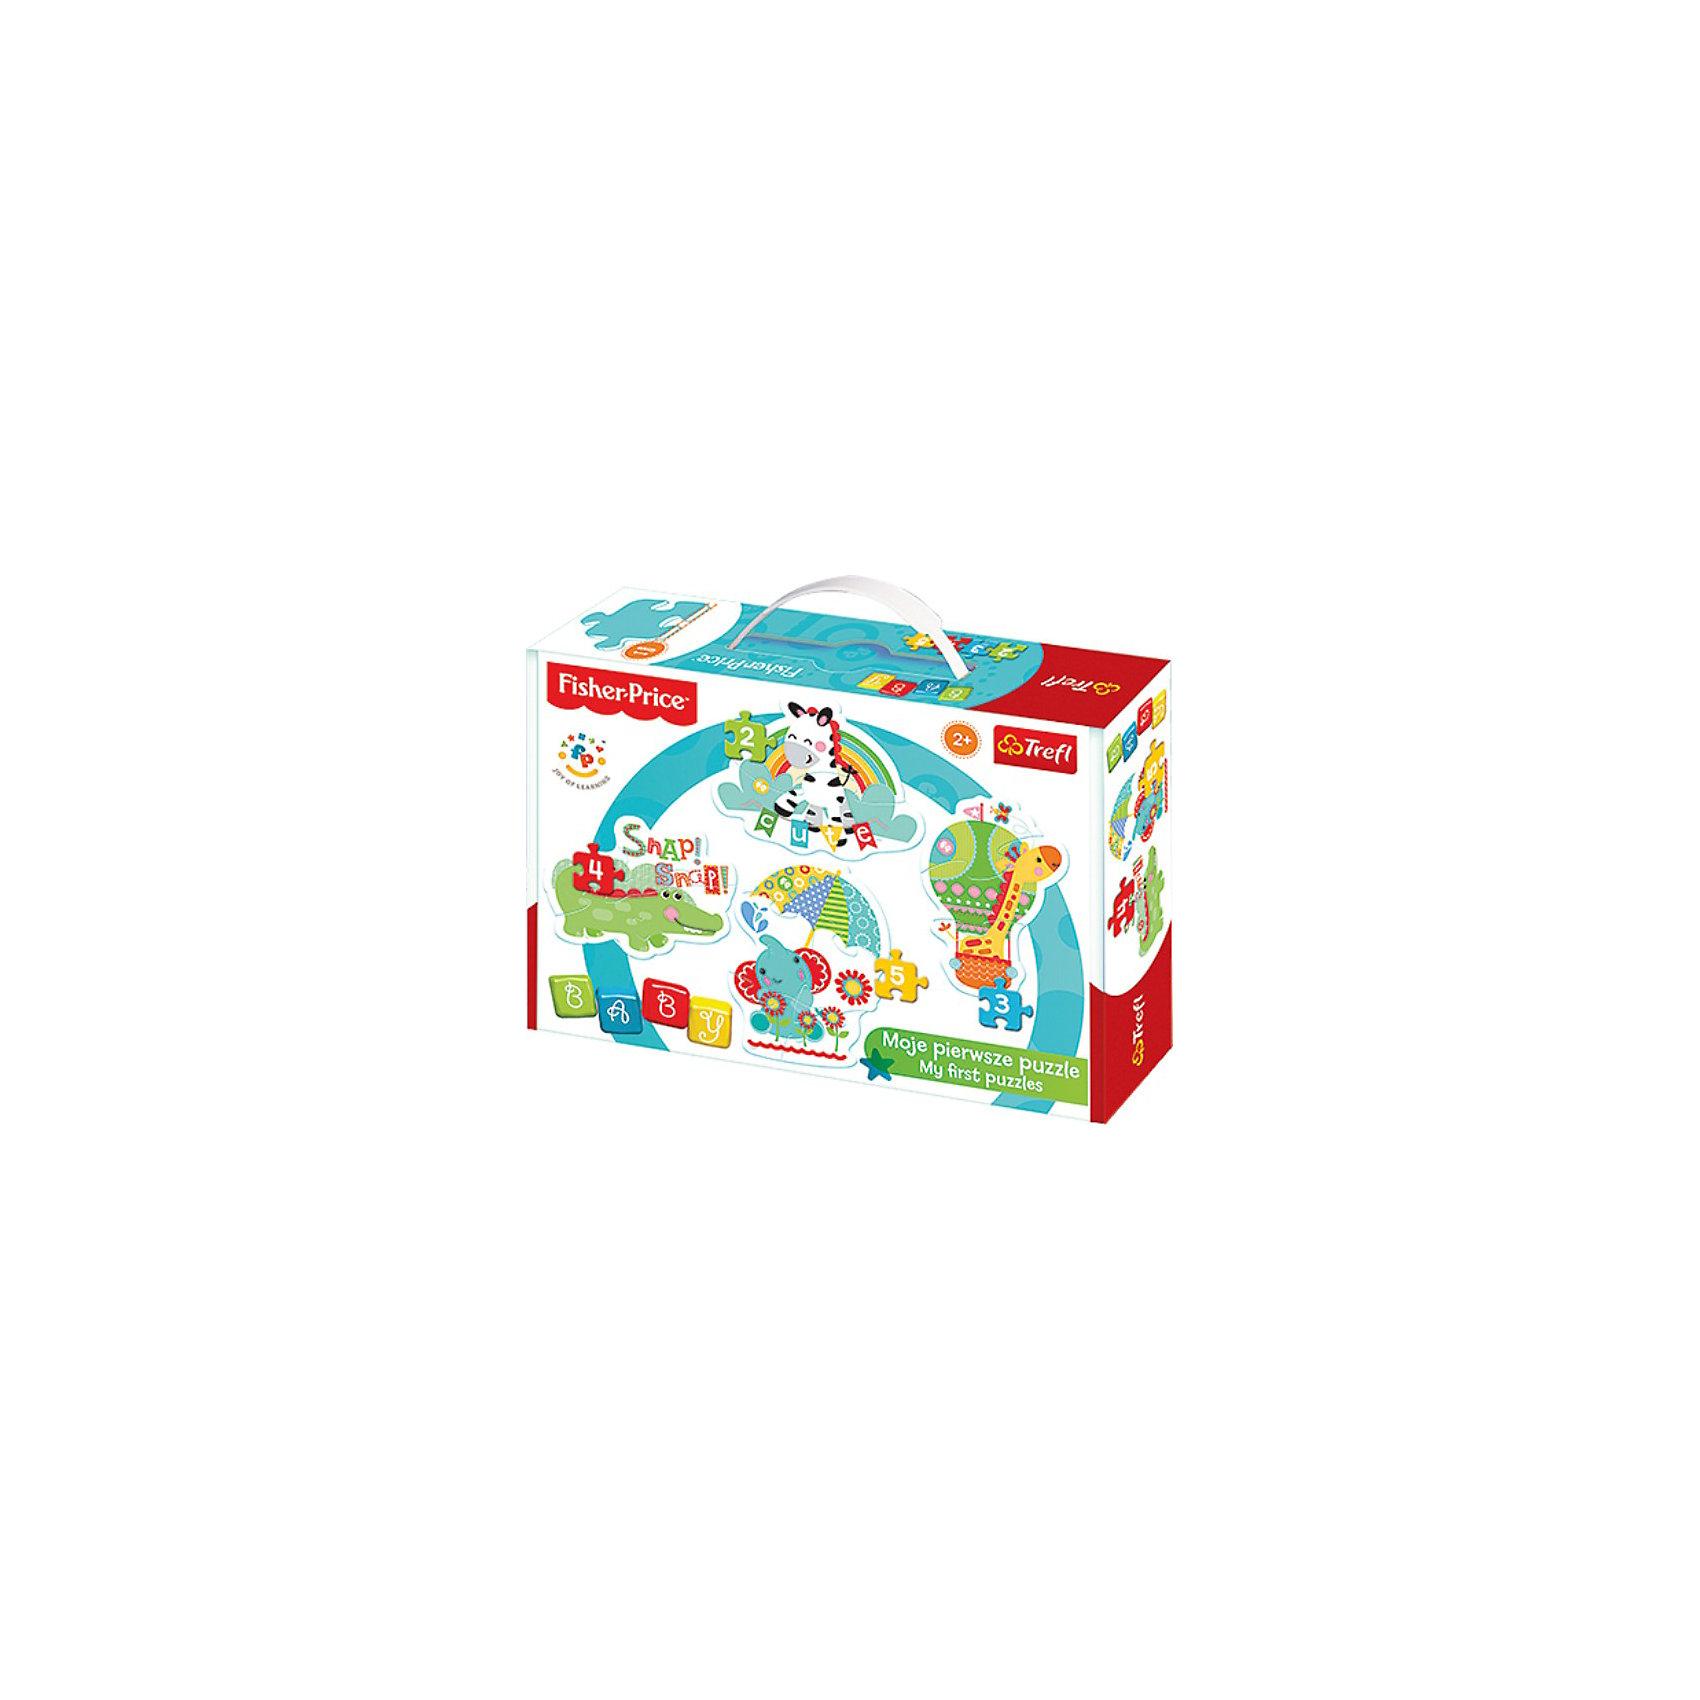 Пазлы Дикие животные 1, TreflПазлы для малышей<br>Пазлы для малышей от Trefl созданы с любовью и аккуратностью для самых маленьких любителей логических игр. Четкие яркие цвета, безопасные материалы, крепкая сцепка и добродушные картинки привлекут внимание ребенка и заинтересуют в сборке. В подарочной коробочке вы найдете 4 пазла с изображениями диких, но улыбчивых, животных: жирафа, слона, крокодила и зебры. Усложняйте задачу с помощью увеличения количества деталей: сначала можно собрать пазл из двух фрагментов, потом из трех, четырех и, наконец, пяти. А готовые картинки можно повесить на стену комнаты, украсив помещение! С помощью слов, указанных на изображениях животных, можно начать изучение английского языка или алфавита. Игра с пазлами развивает мелкую моторику и воображение. Толщина картона достигает 4мм, поэтому детали удобно держать в руке, а сборка пазлов принесет много позитива и радости! Возраст: от 2 лет. Размер упаковки: 6,2 x 18,7 x 26,7 см. В наборе 4 пазла.<br><br>Ширина мм: 271<br>Глубина мм: 198<br>Высота мм: 68<br>Вес г: 448<br>Возраст от месяцев: 24<br>Возраст до месяцев: 36<br>Пол: Унисекс<br>Возраст: Детский<br>Количество деталей: 2<br>SKU: 3869071